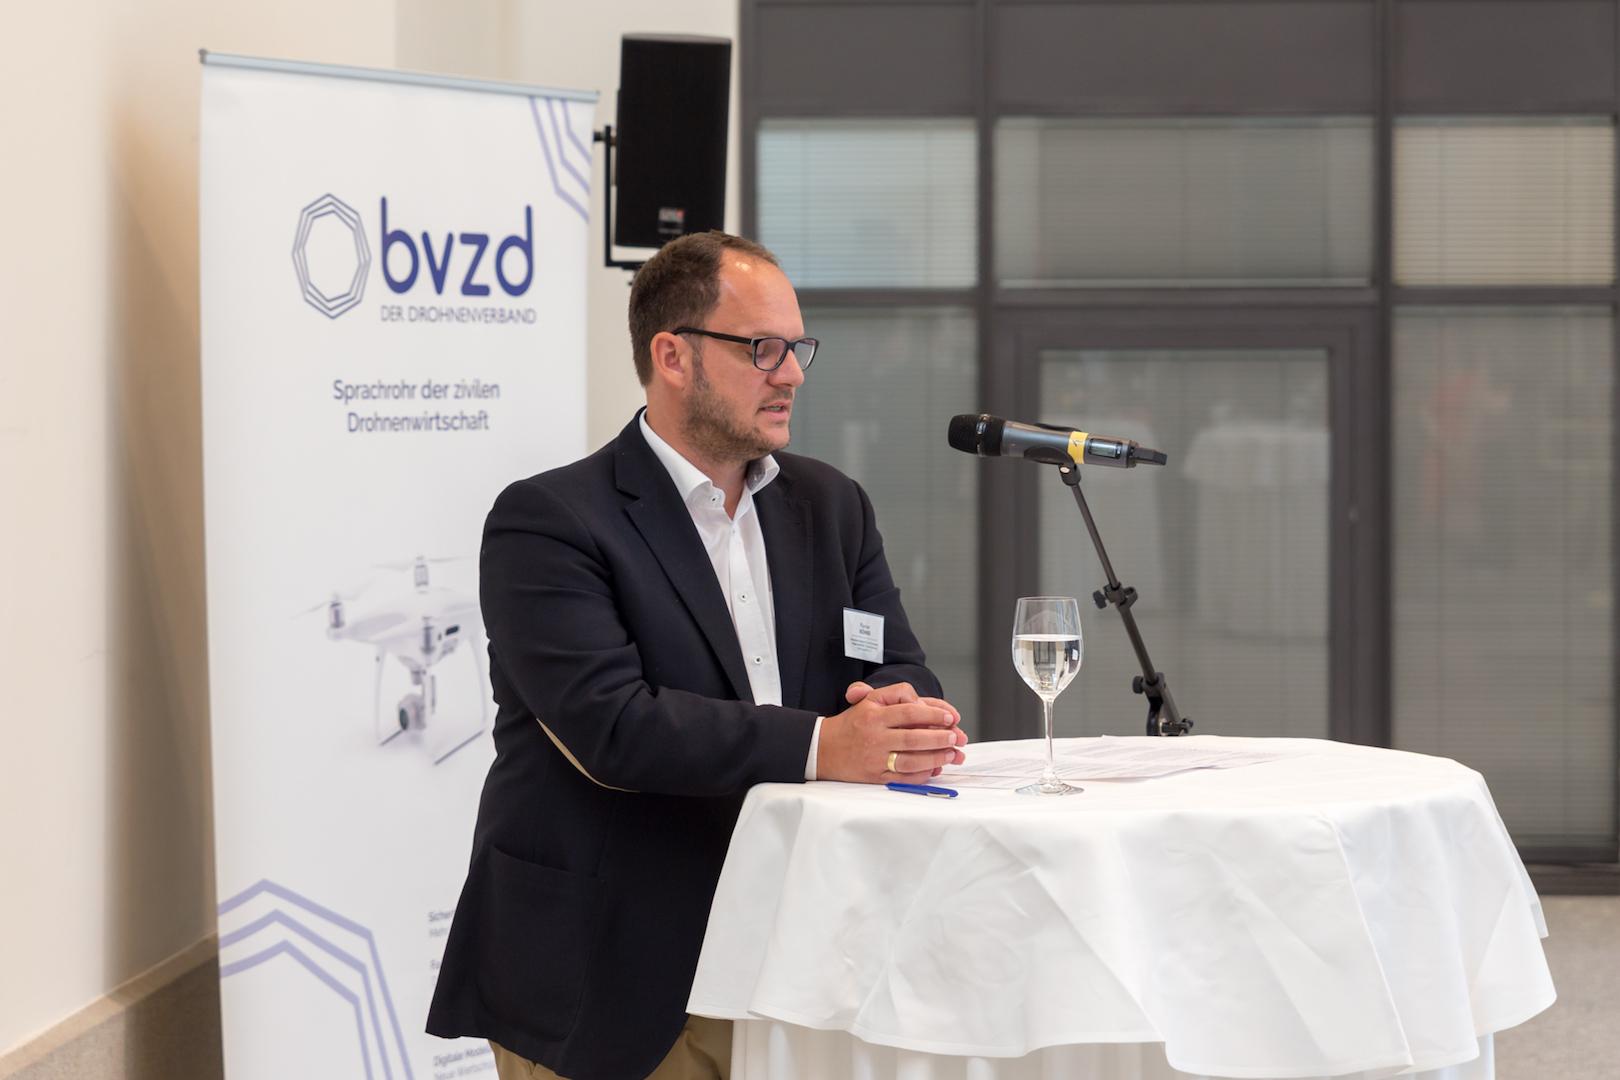 BVZD - Parlamentarische Gesellschaft-08.jpg